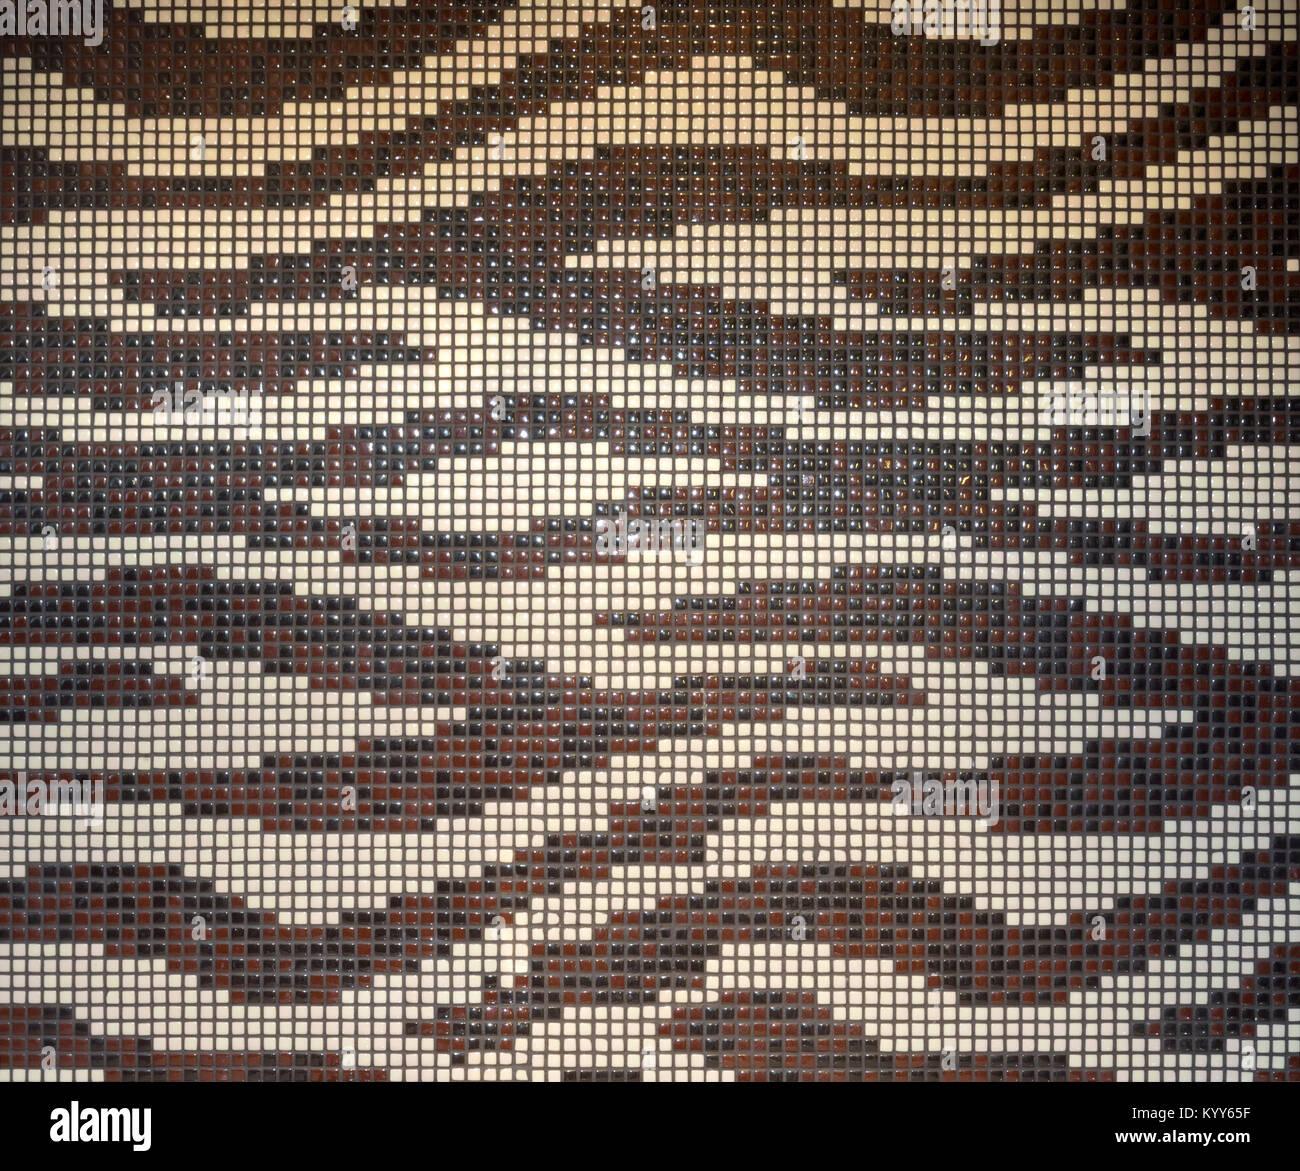 Wellenmuster In Einem Badezimmer Mosaik Wand Fliesen Dekoration